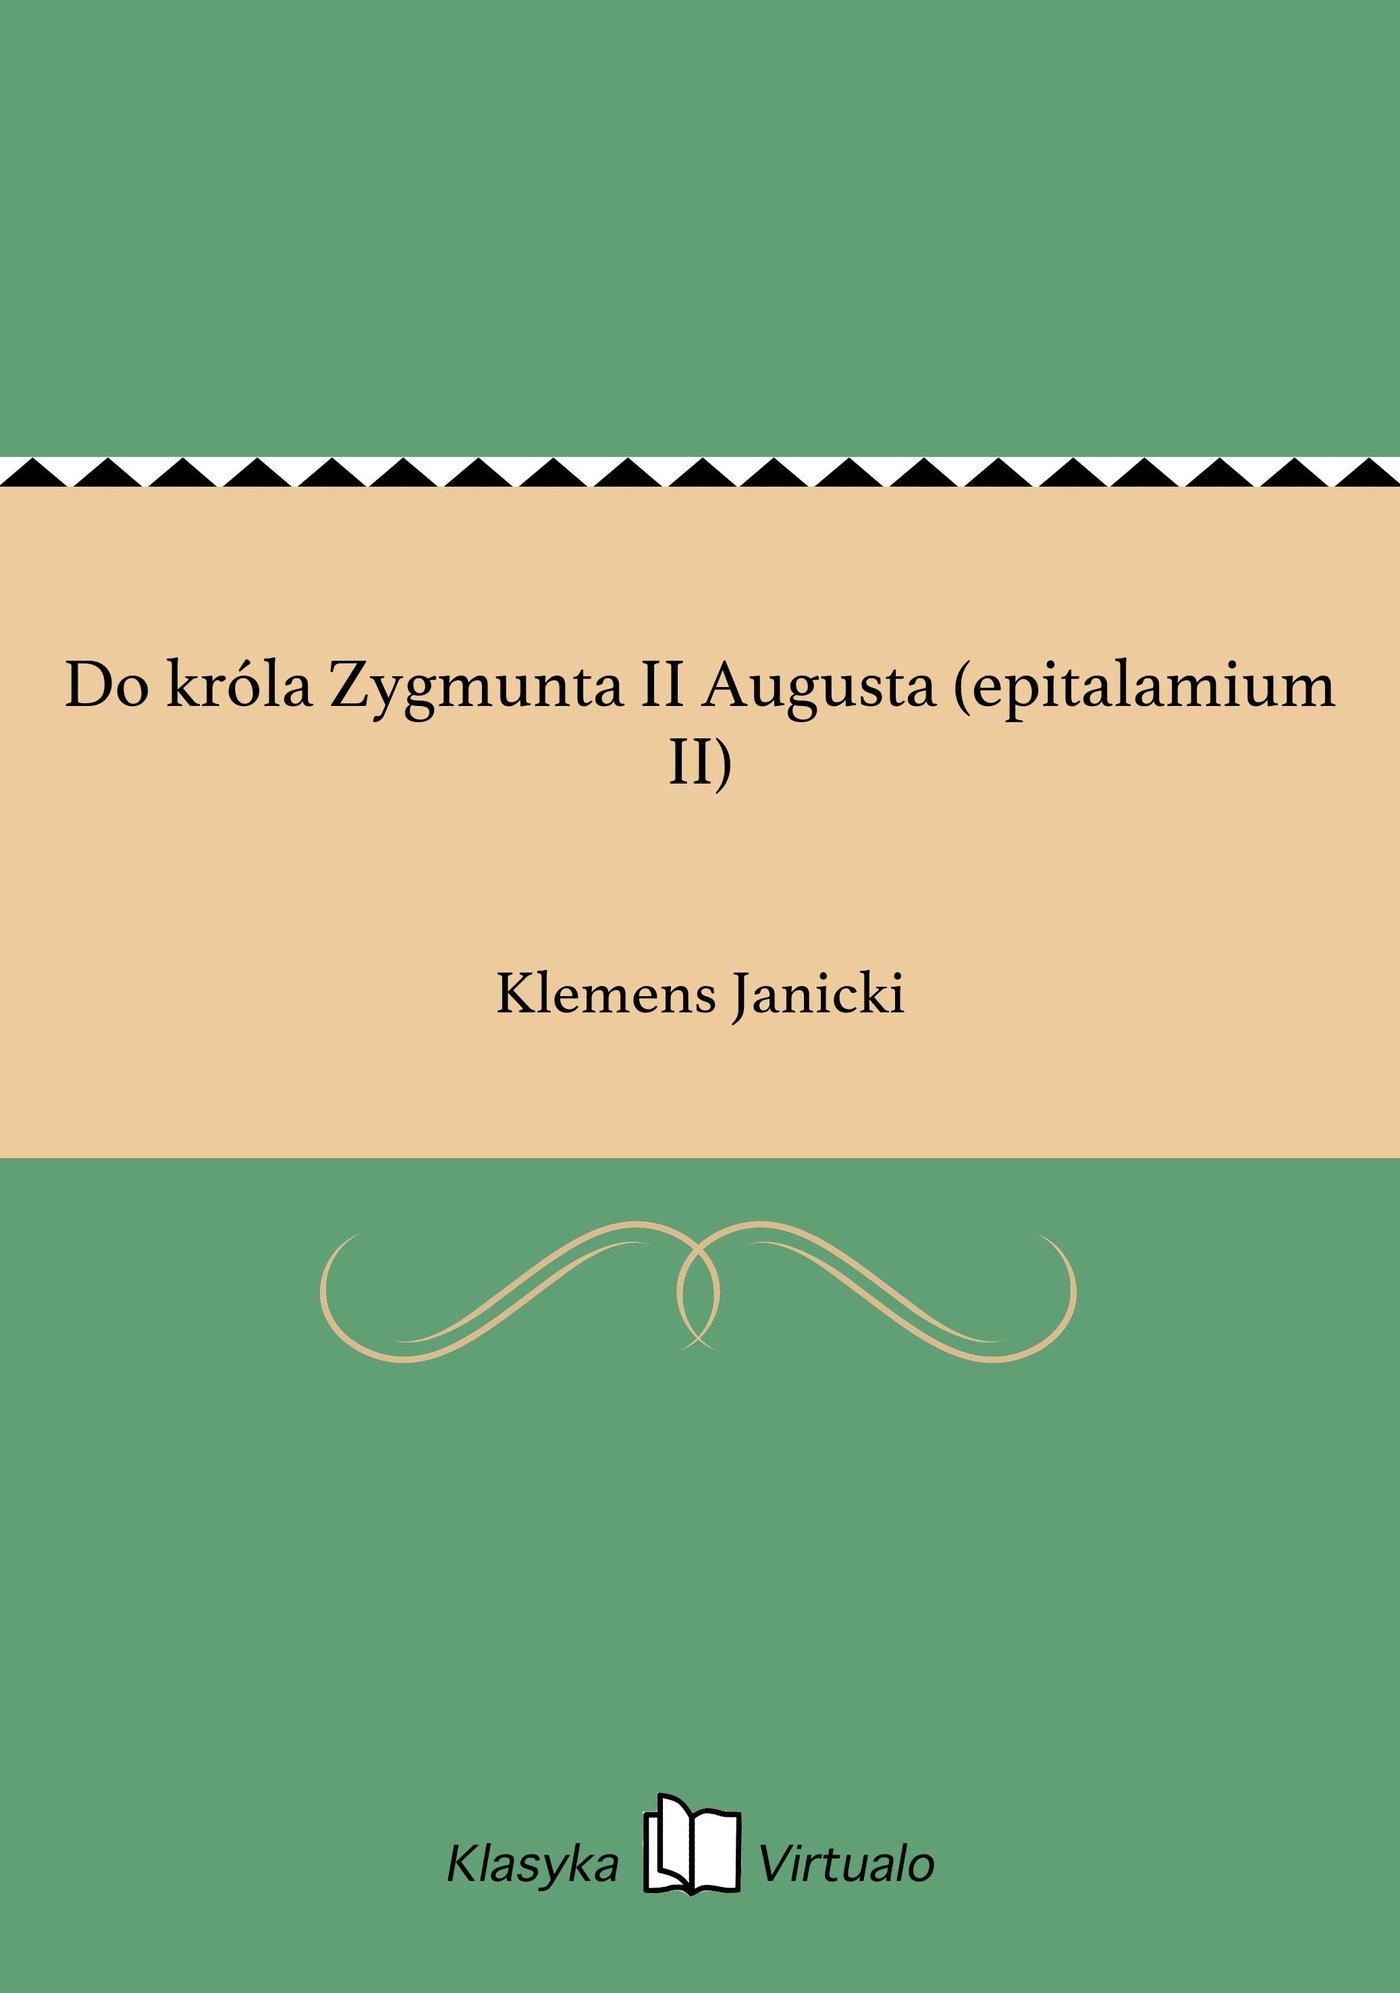 Do króla Zygmunta II Augusta (epitalamium II) - Ebook (Książka EPUB) do pobrania w formacie EPUB